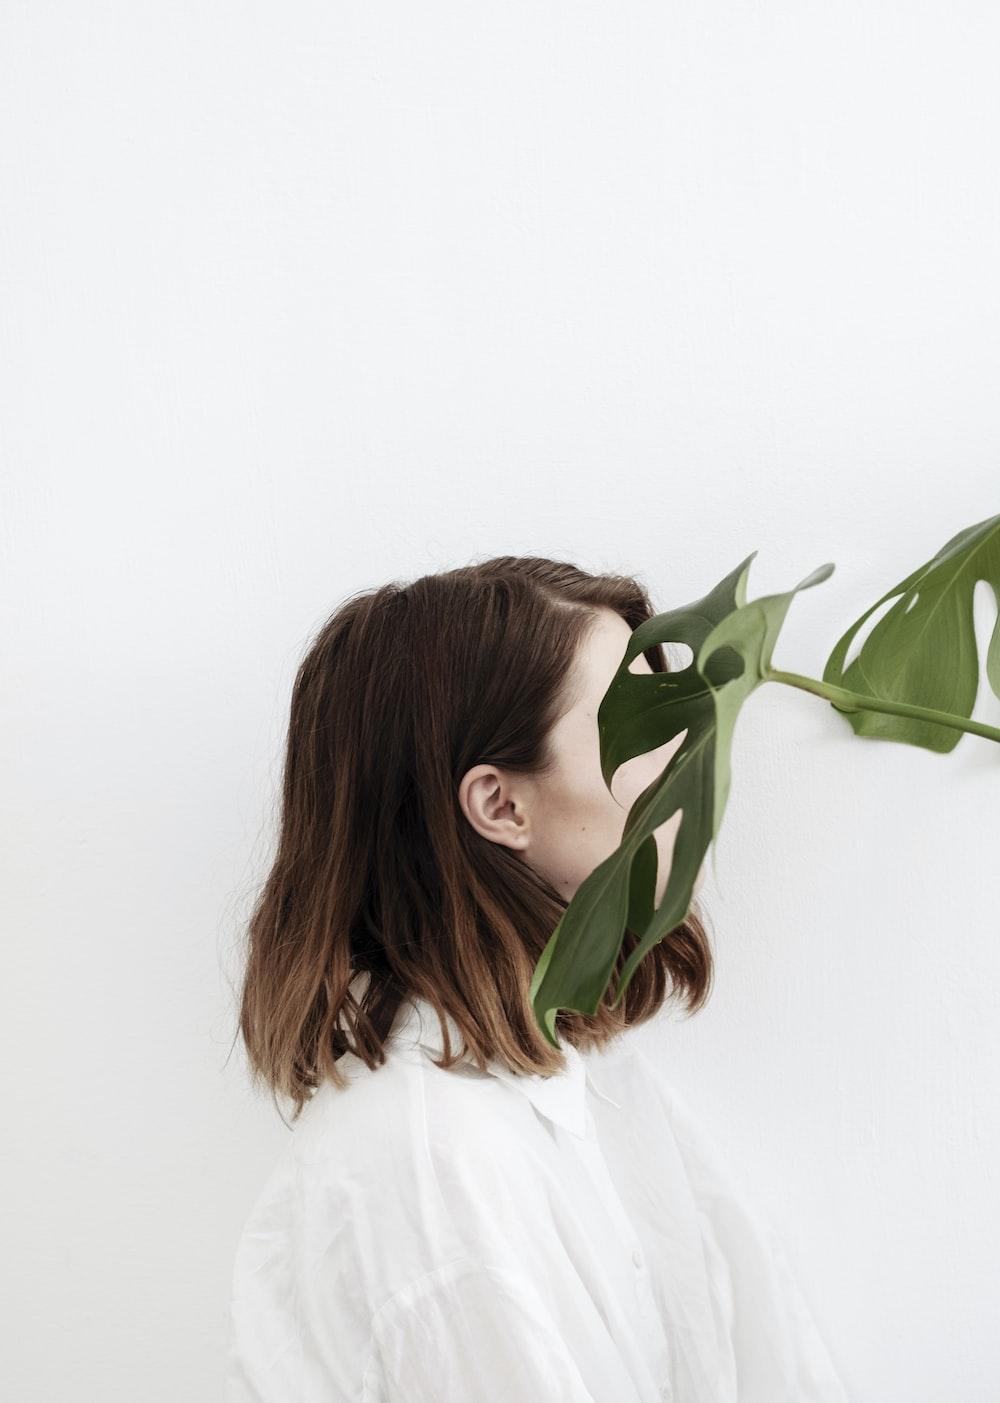 woman beside green leaf